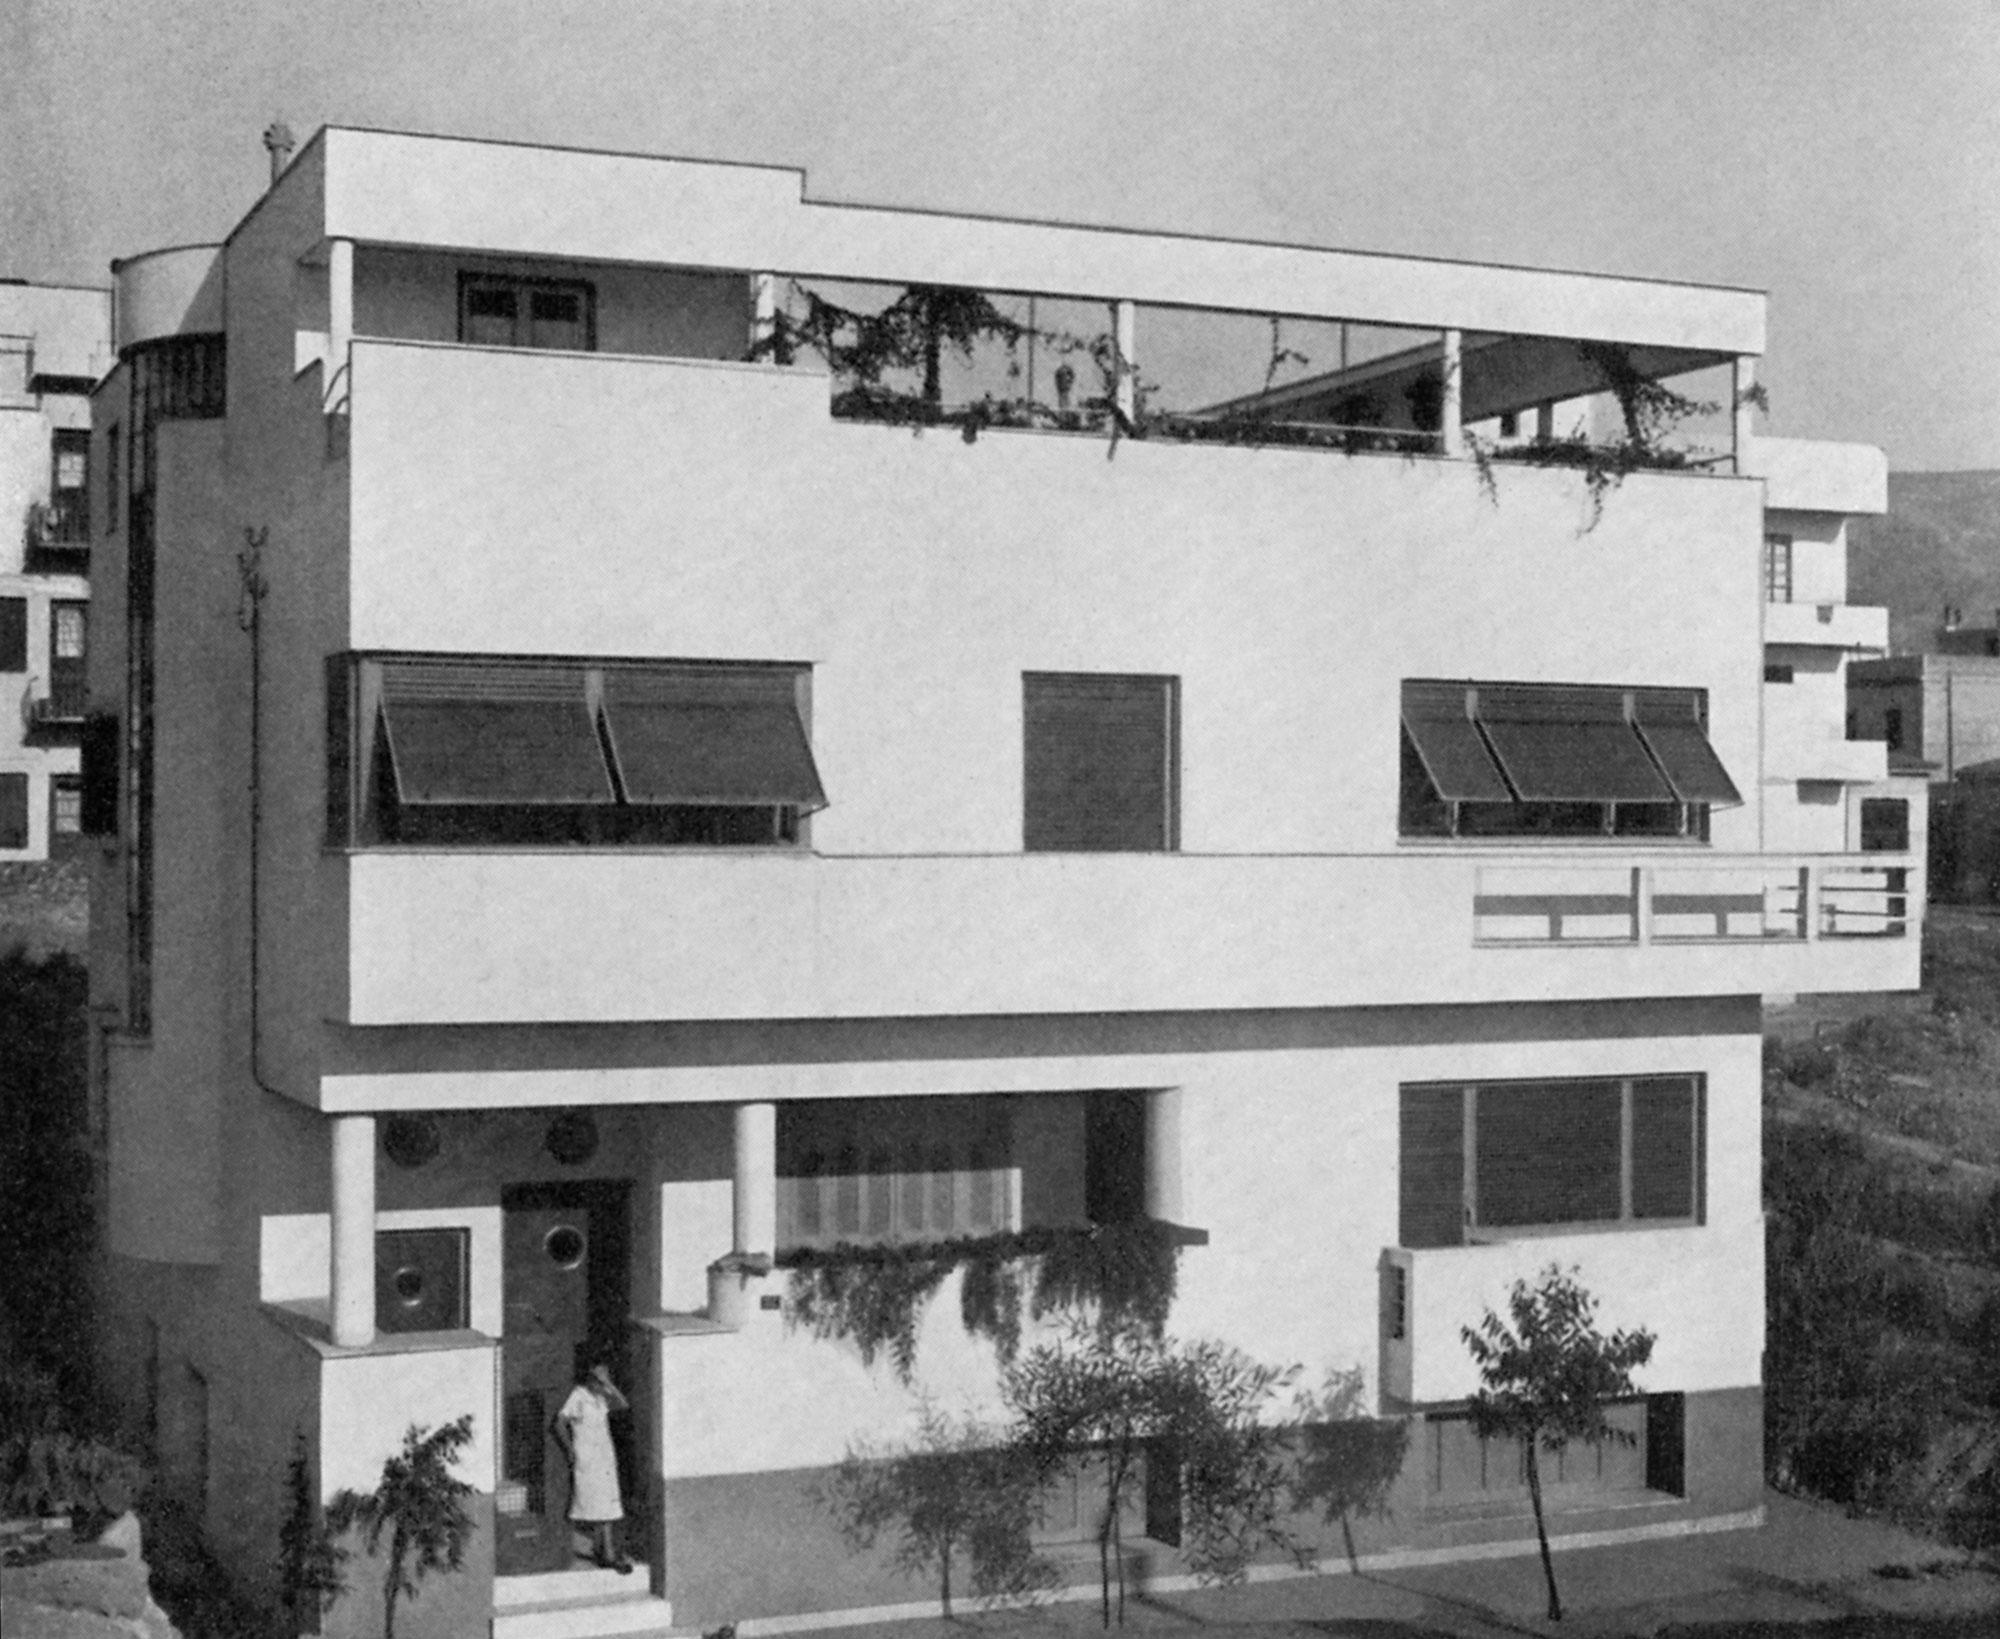 Μοντέρνες απώλειες 01. Κατεδαφισμένα κτήρια του μεσοπολέμου στην Αθήνα